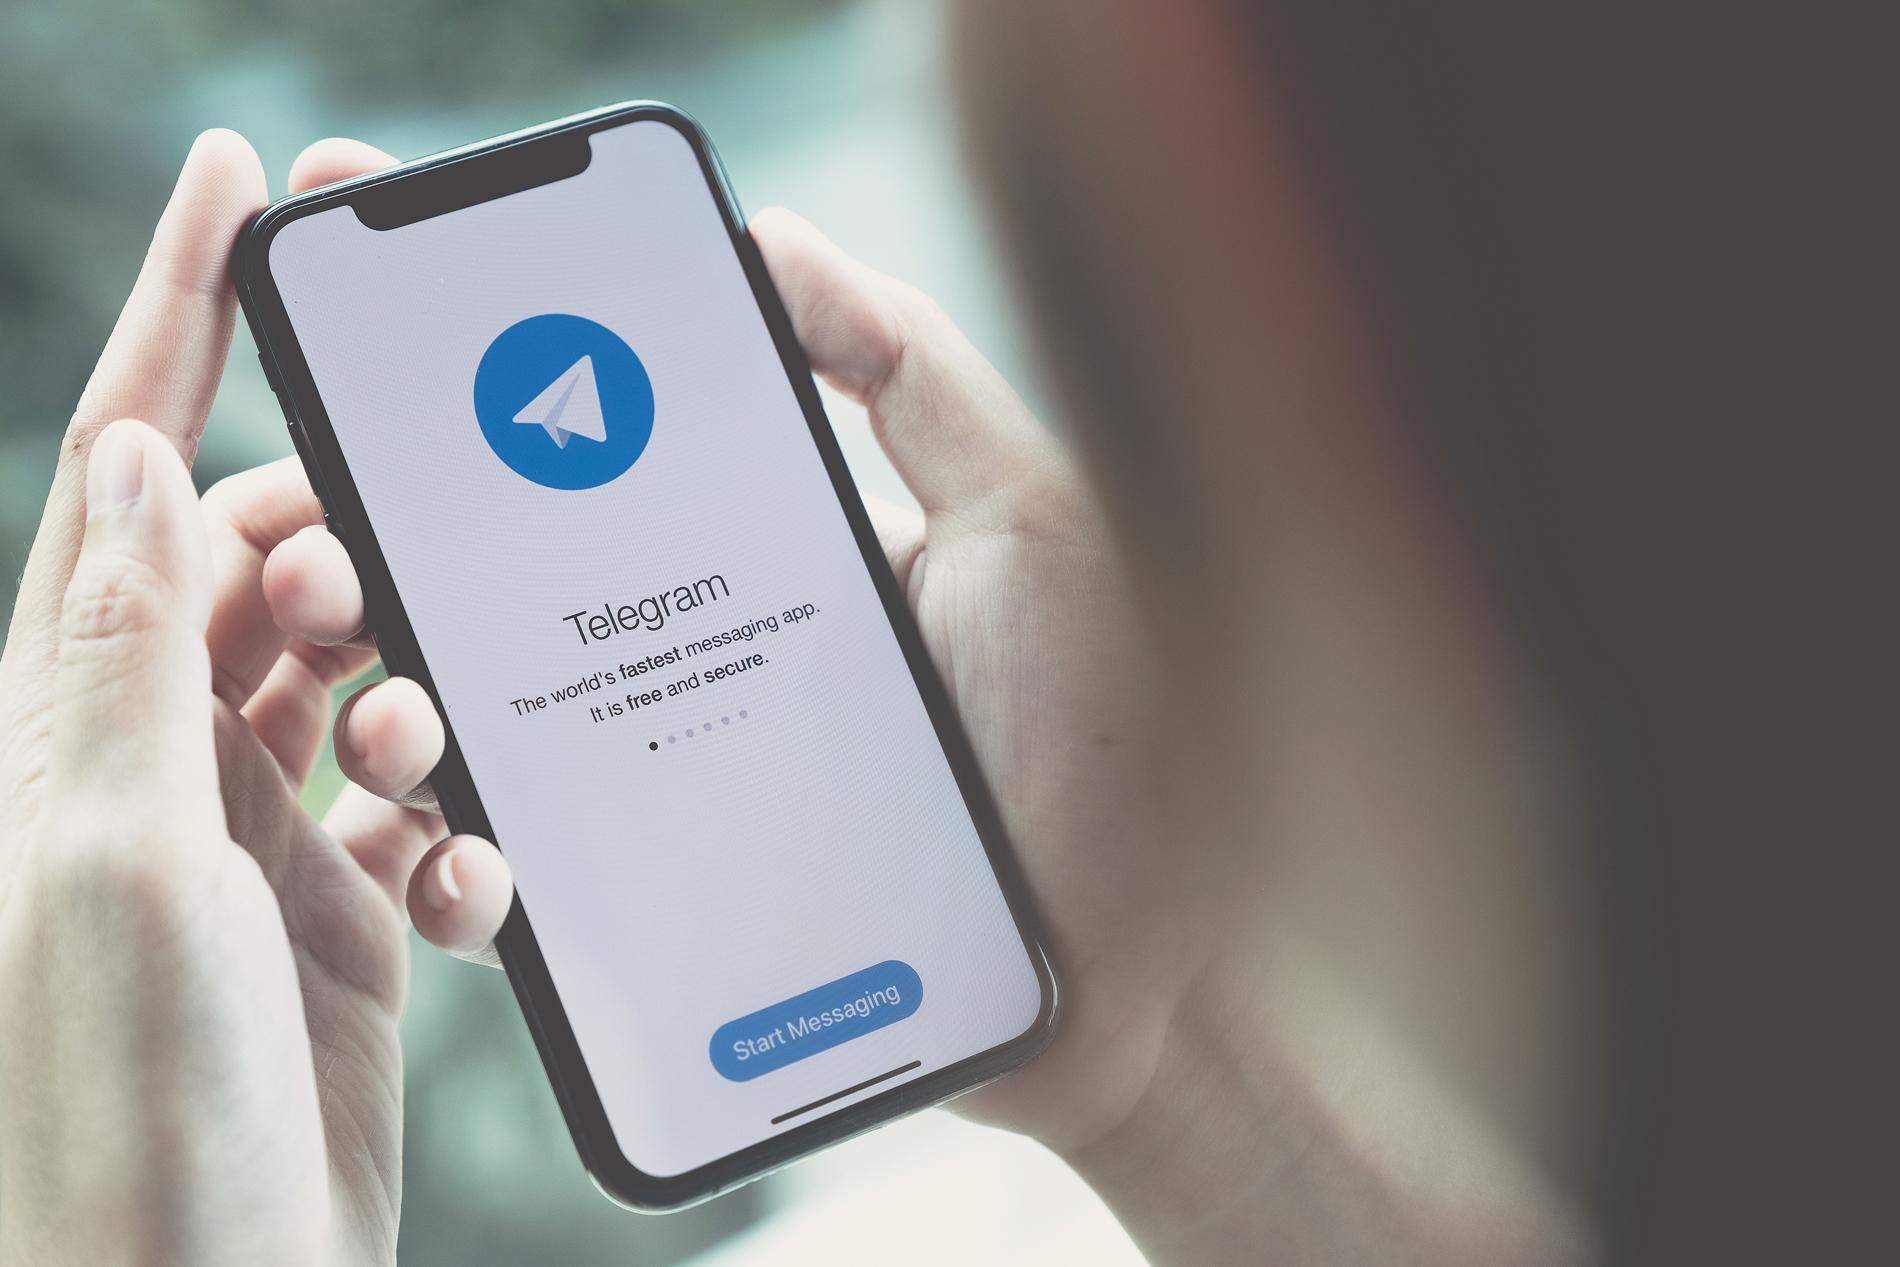 СМИ: Переписки в Telegram протестующих в Портленде были доступны властям США